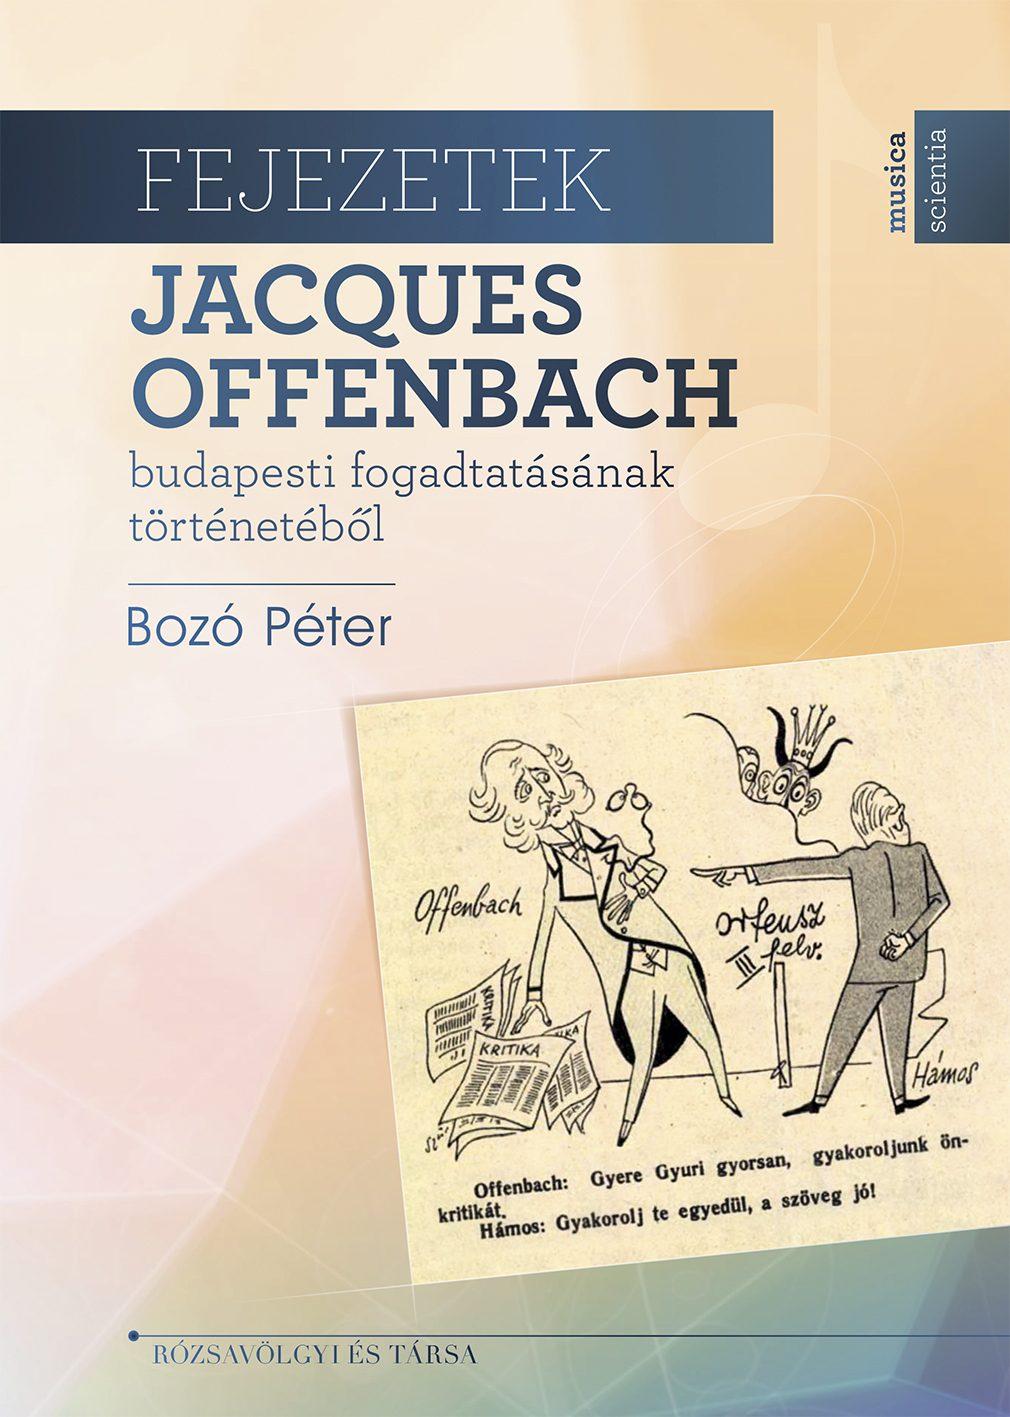 Fejezetek Jacques Offenbach budapesti fogadtatásának történetéből